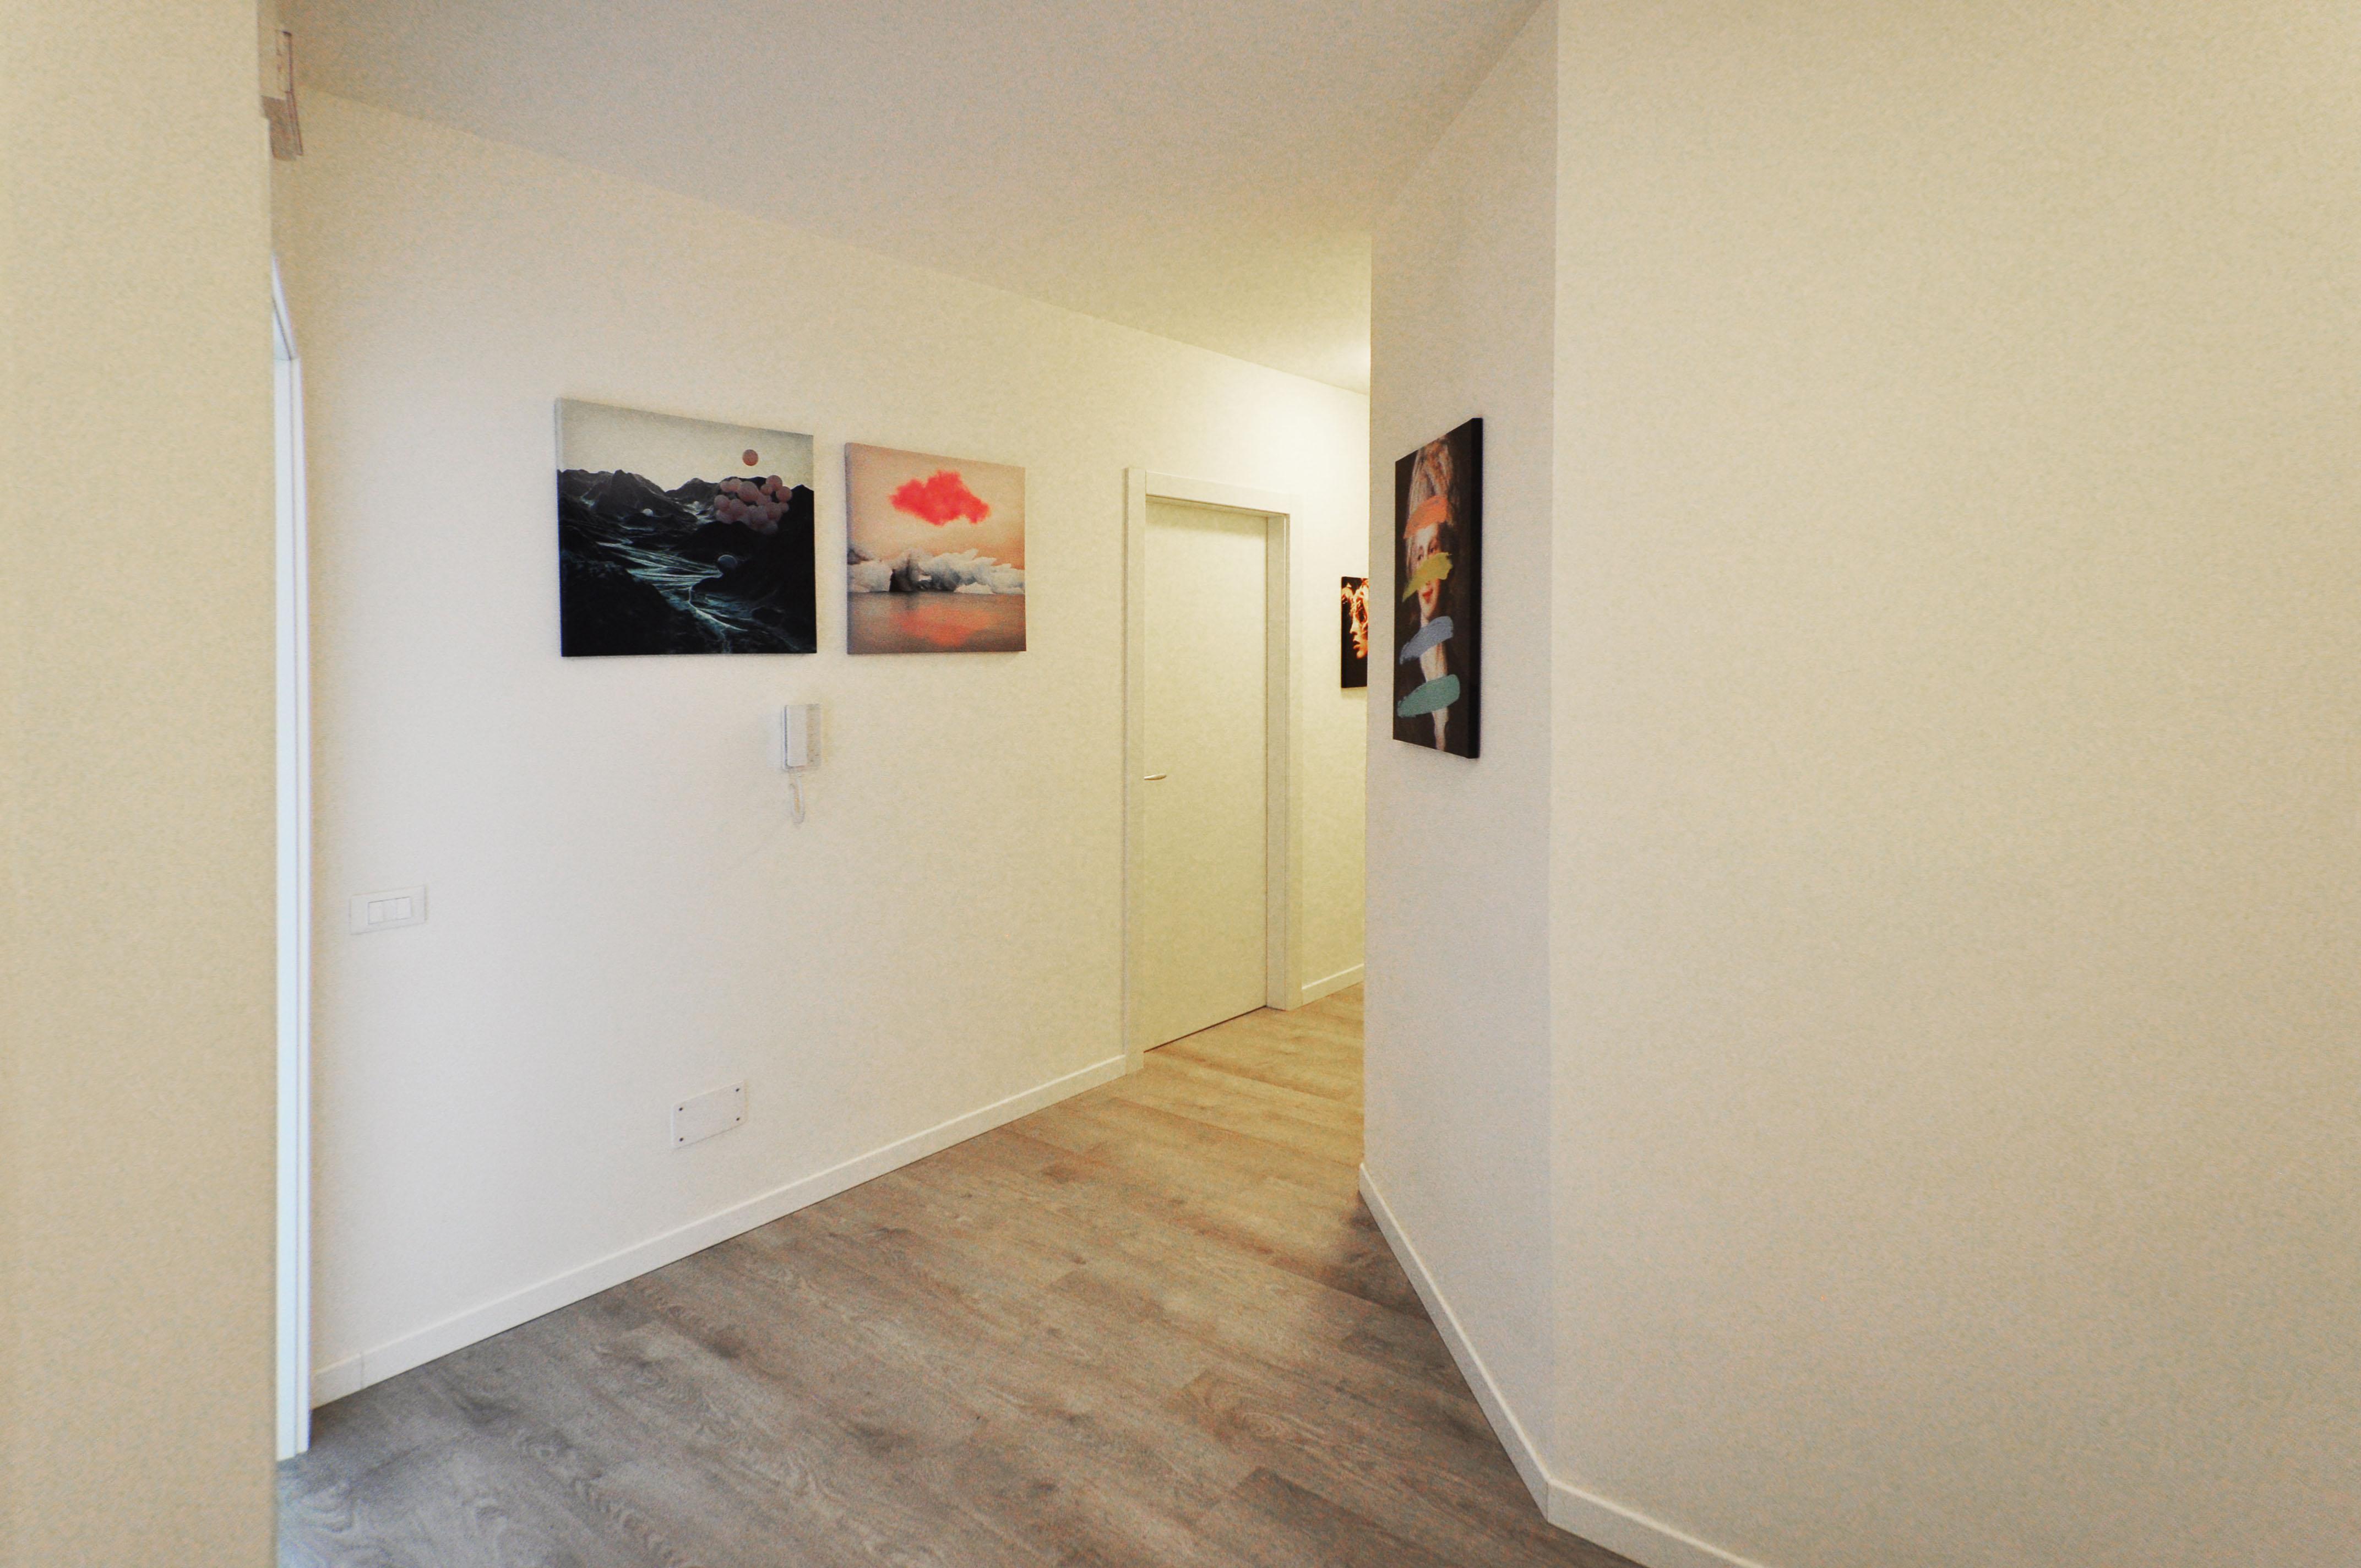 Camere in affitto-Treviso-Ospedale-Stazione-Studio-Architettura-Zanatta bertolini_06